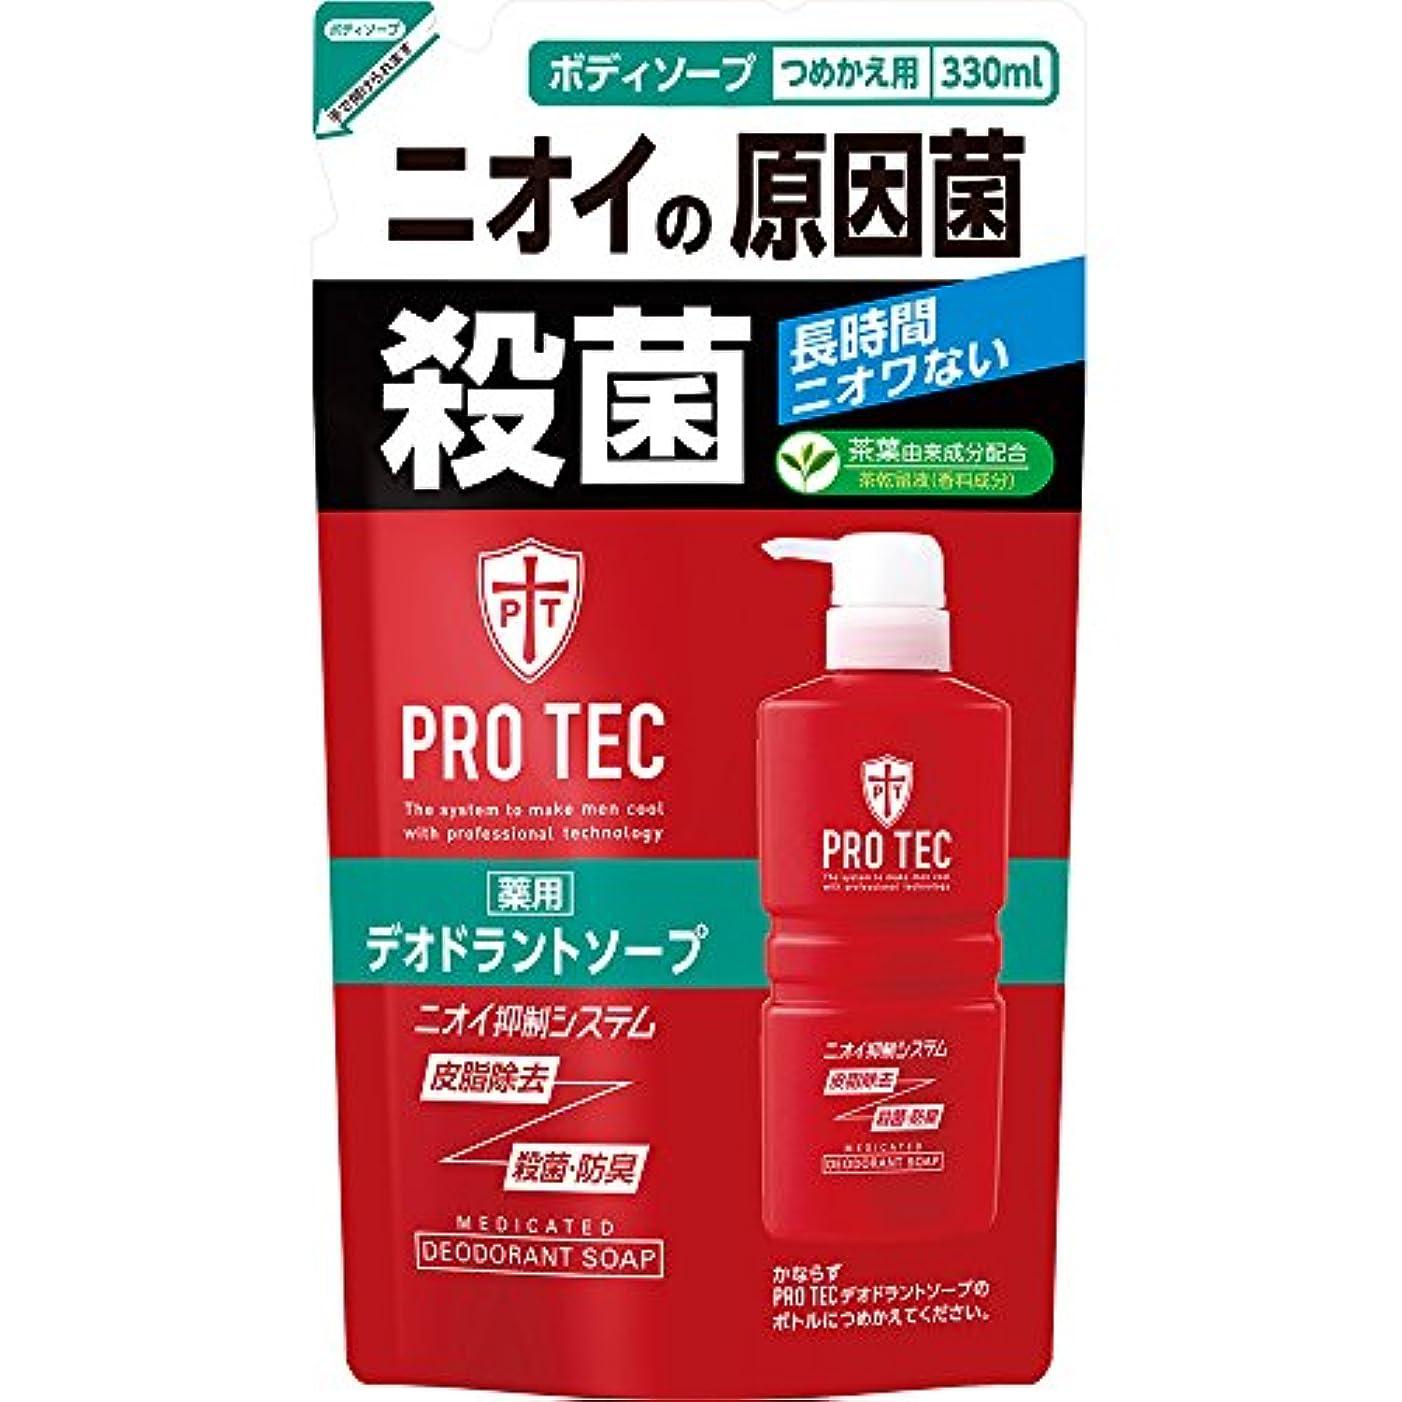 統治可能純粋に自動PRO TEC(プロテク) デオドラントソープ 詰め替え 330ml(医薬部外品)